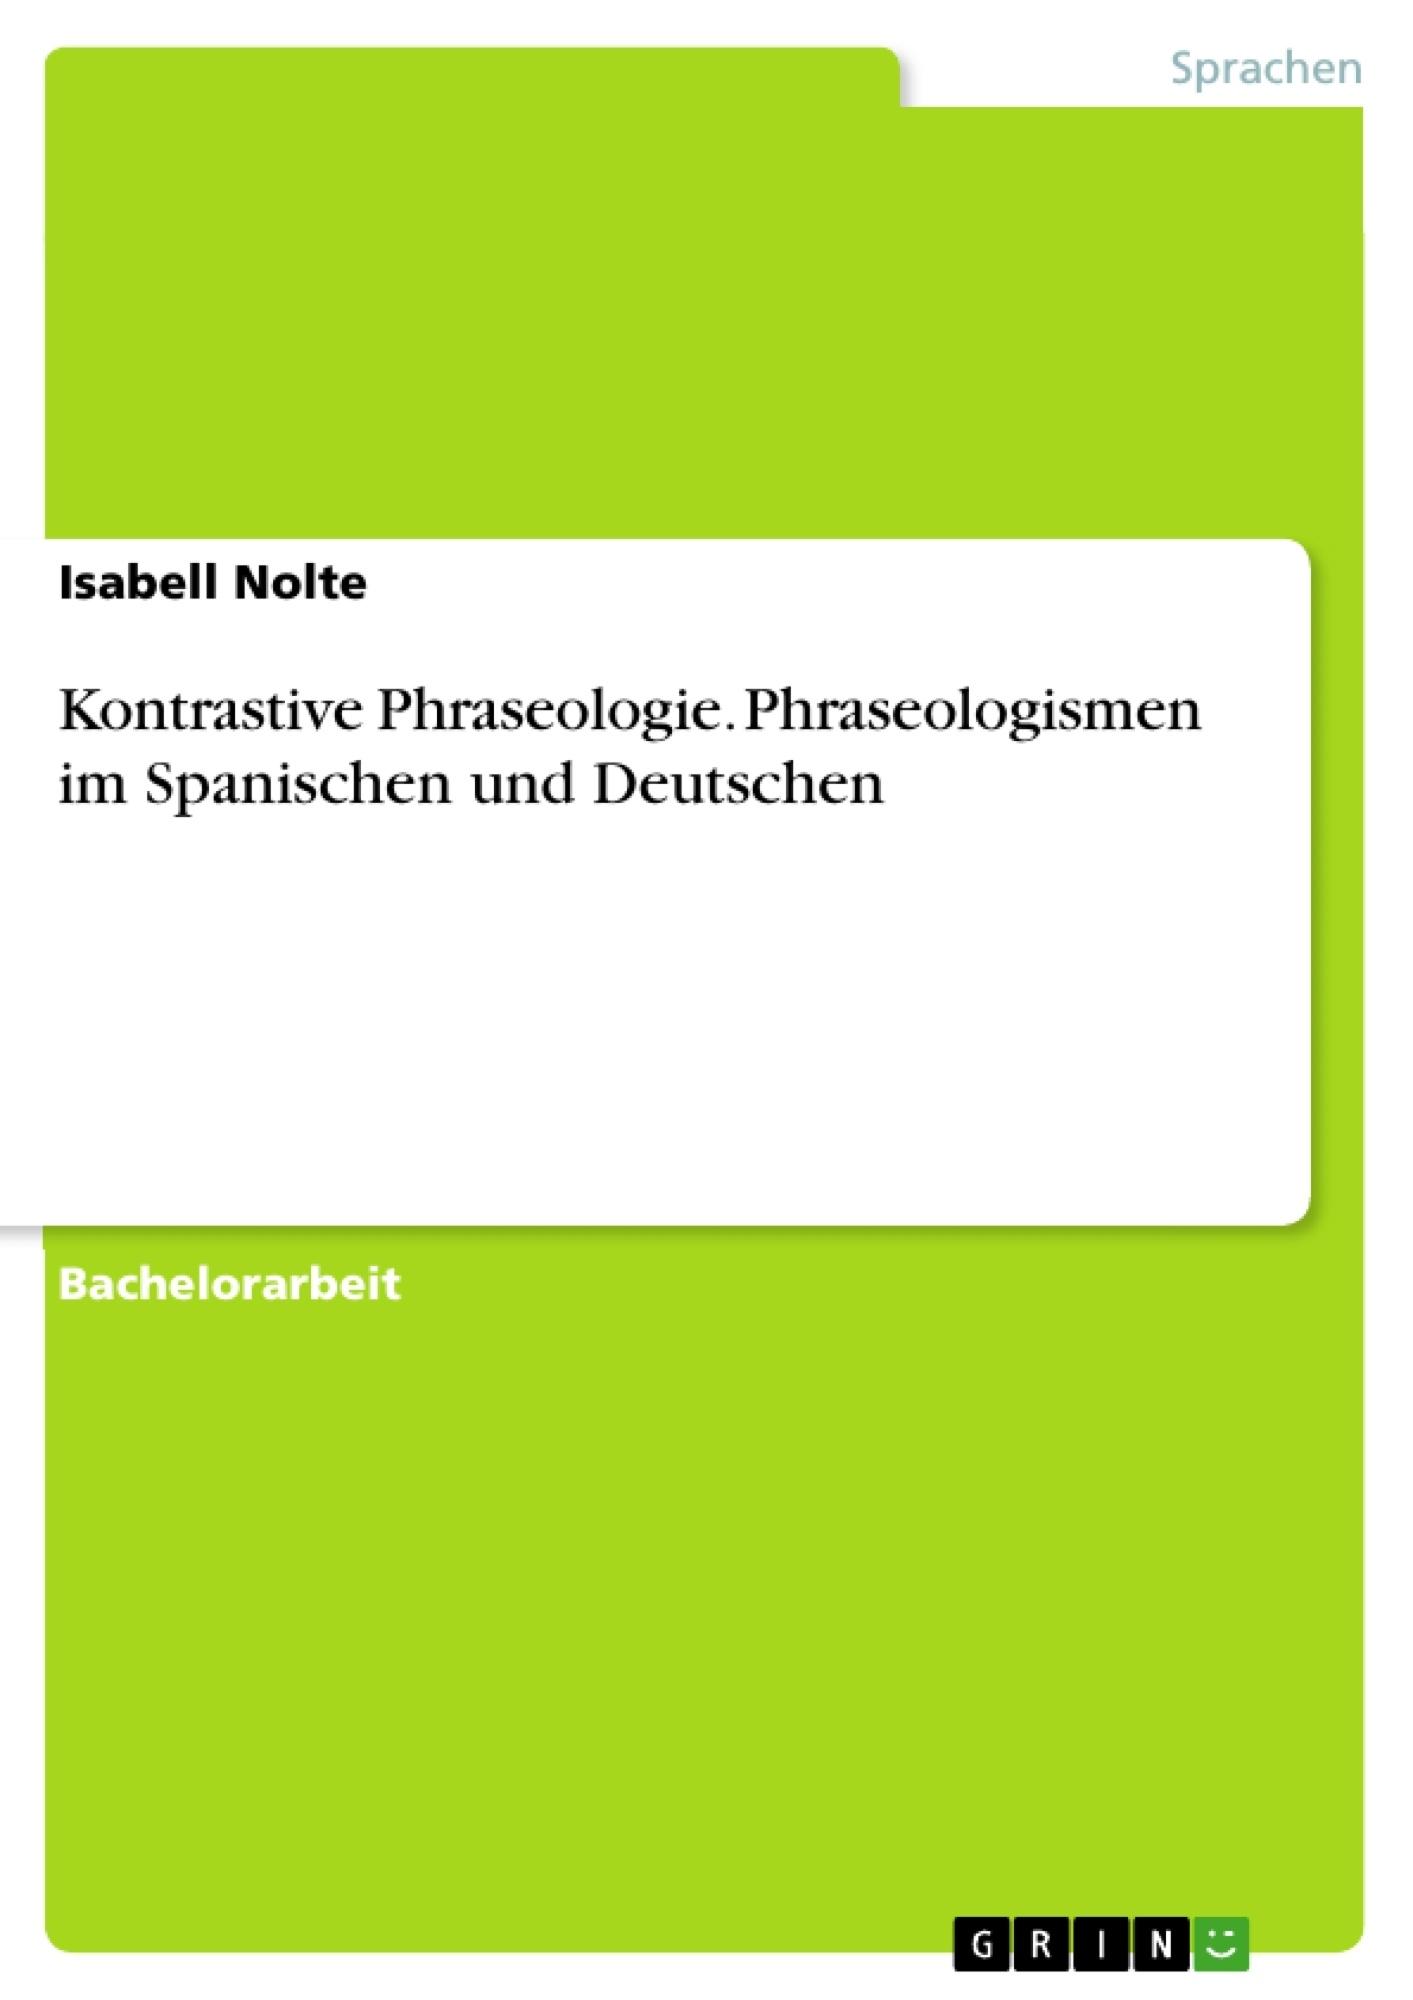 Titel: Kontrastive Phraseologie. Phraseologismen im Spanischen und Deutschen